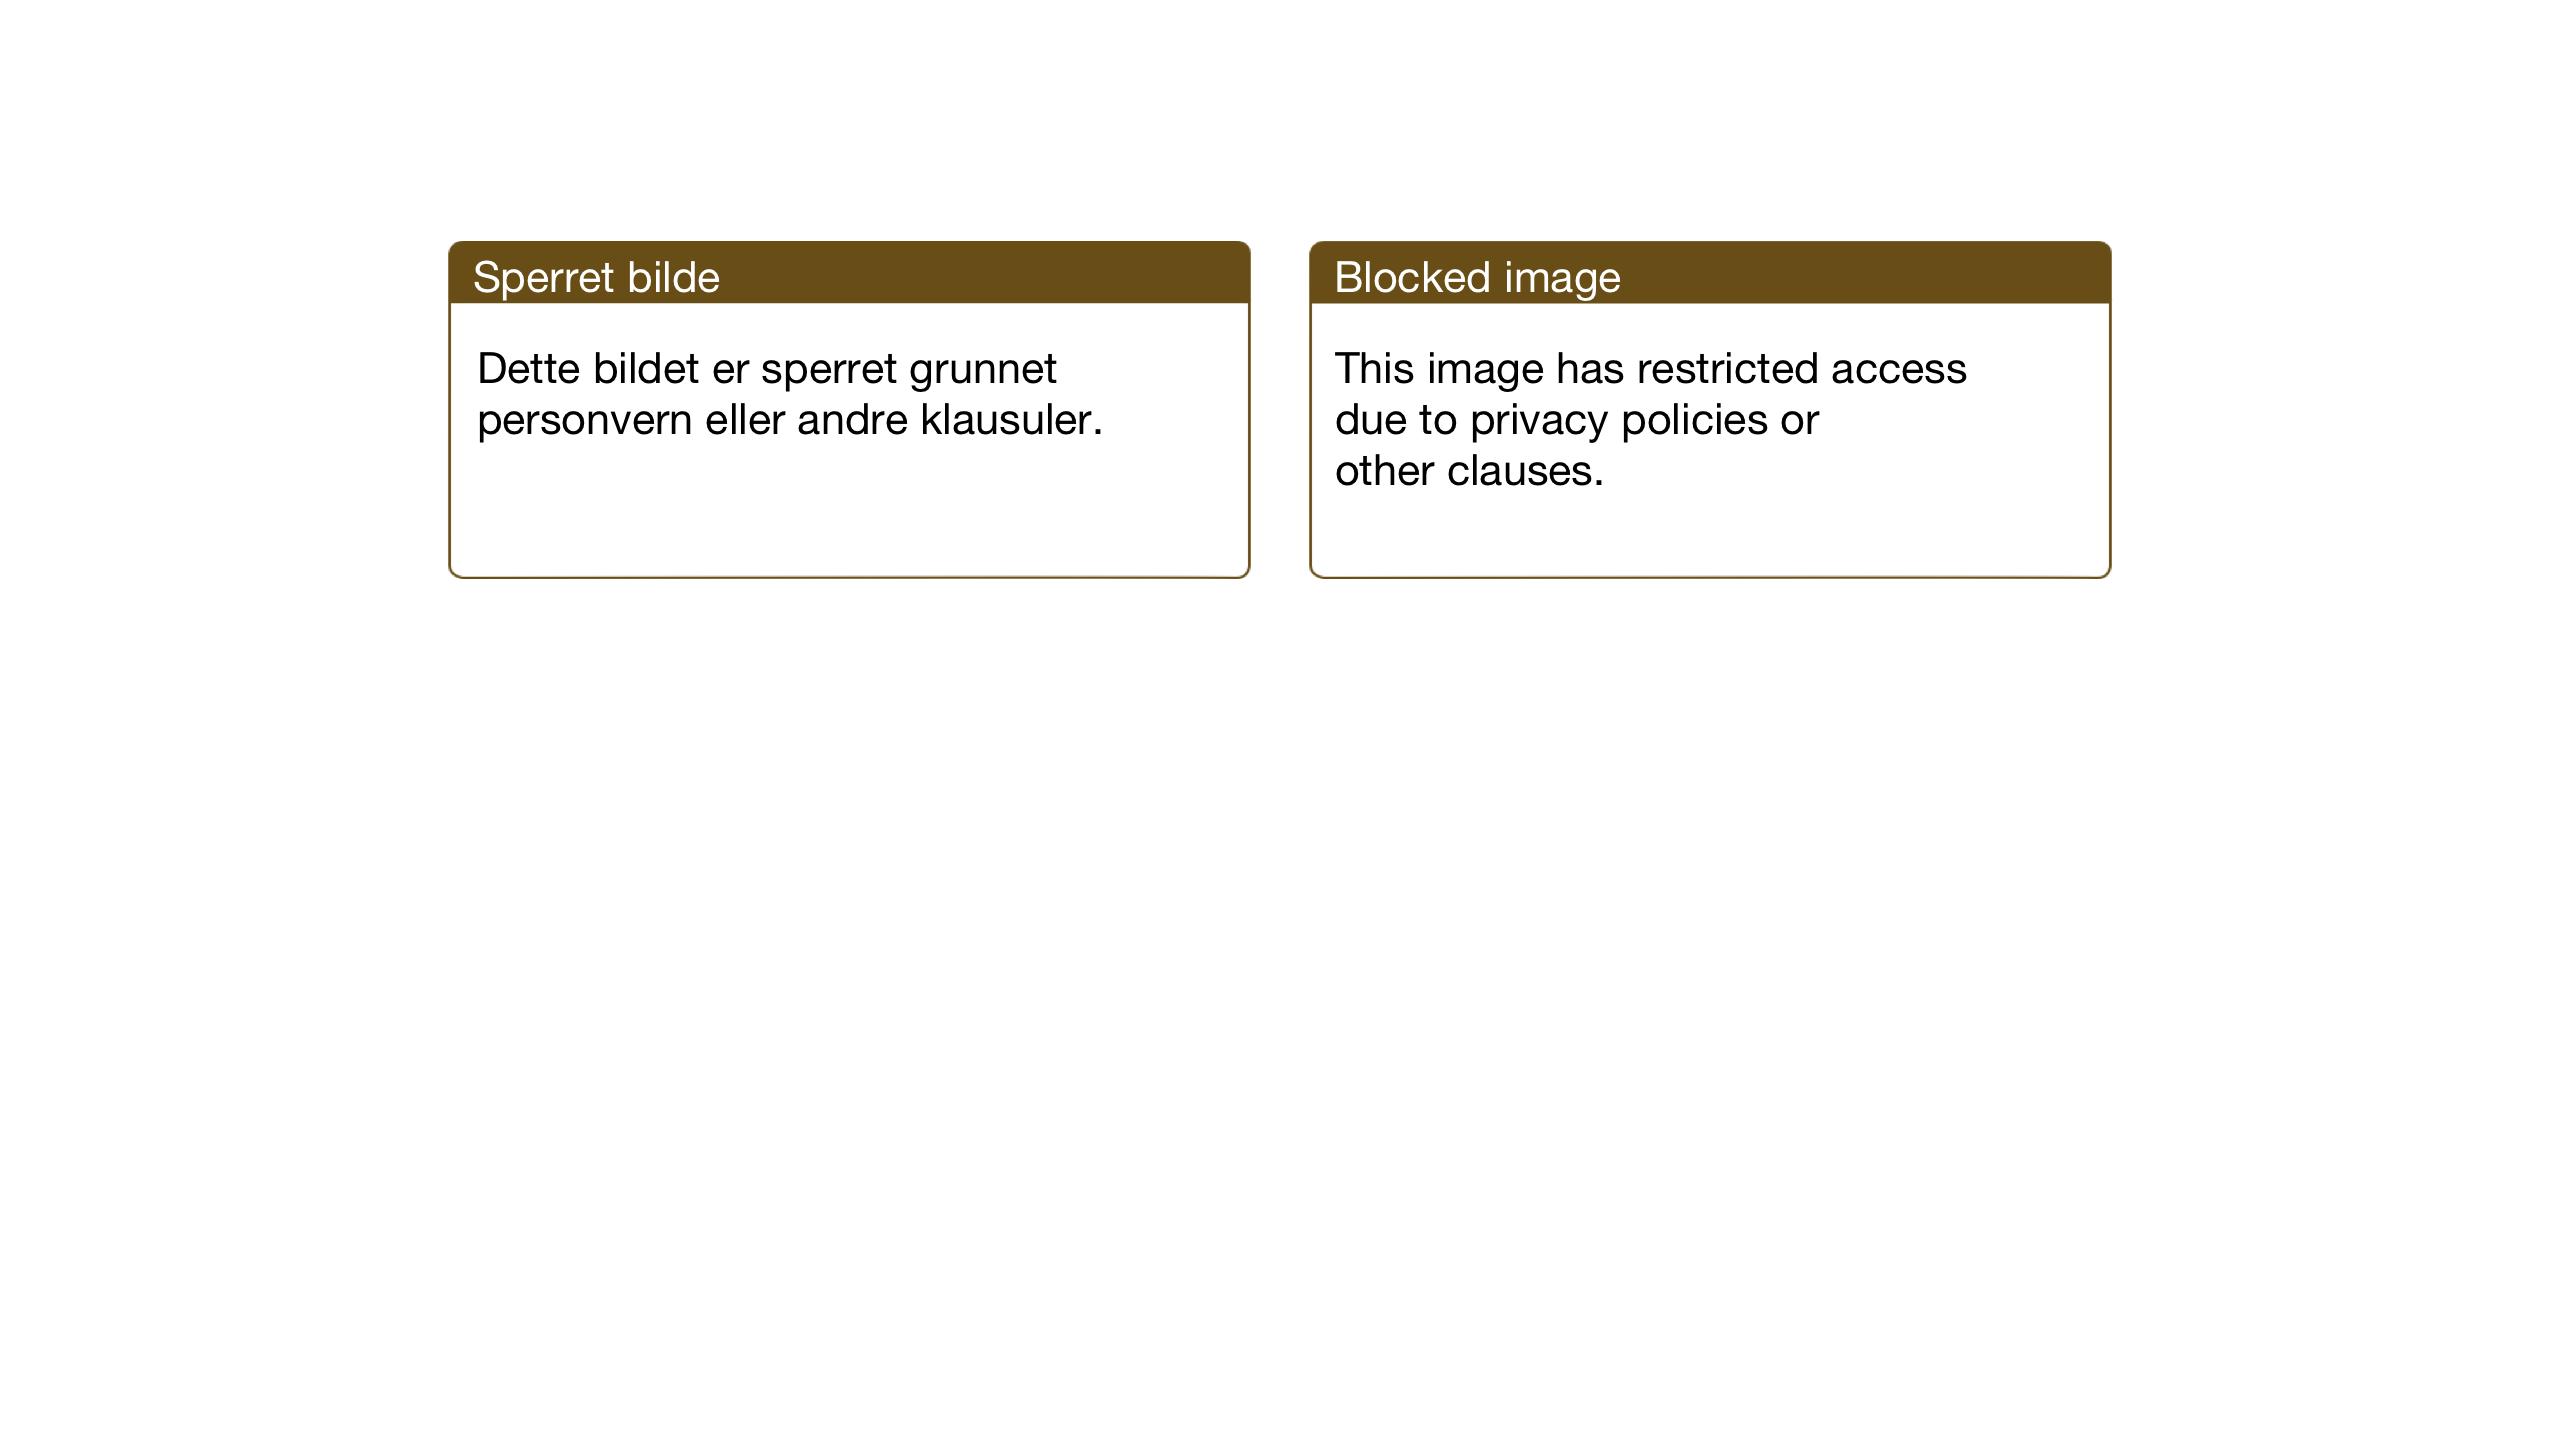 SAT, Ministerialprotokoller, klokkerbøker og fødselsregistre - Sør-Trøndelag, 637/L0564: Klokkerbok nr. 637C05, 1928-1968, s. 222